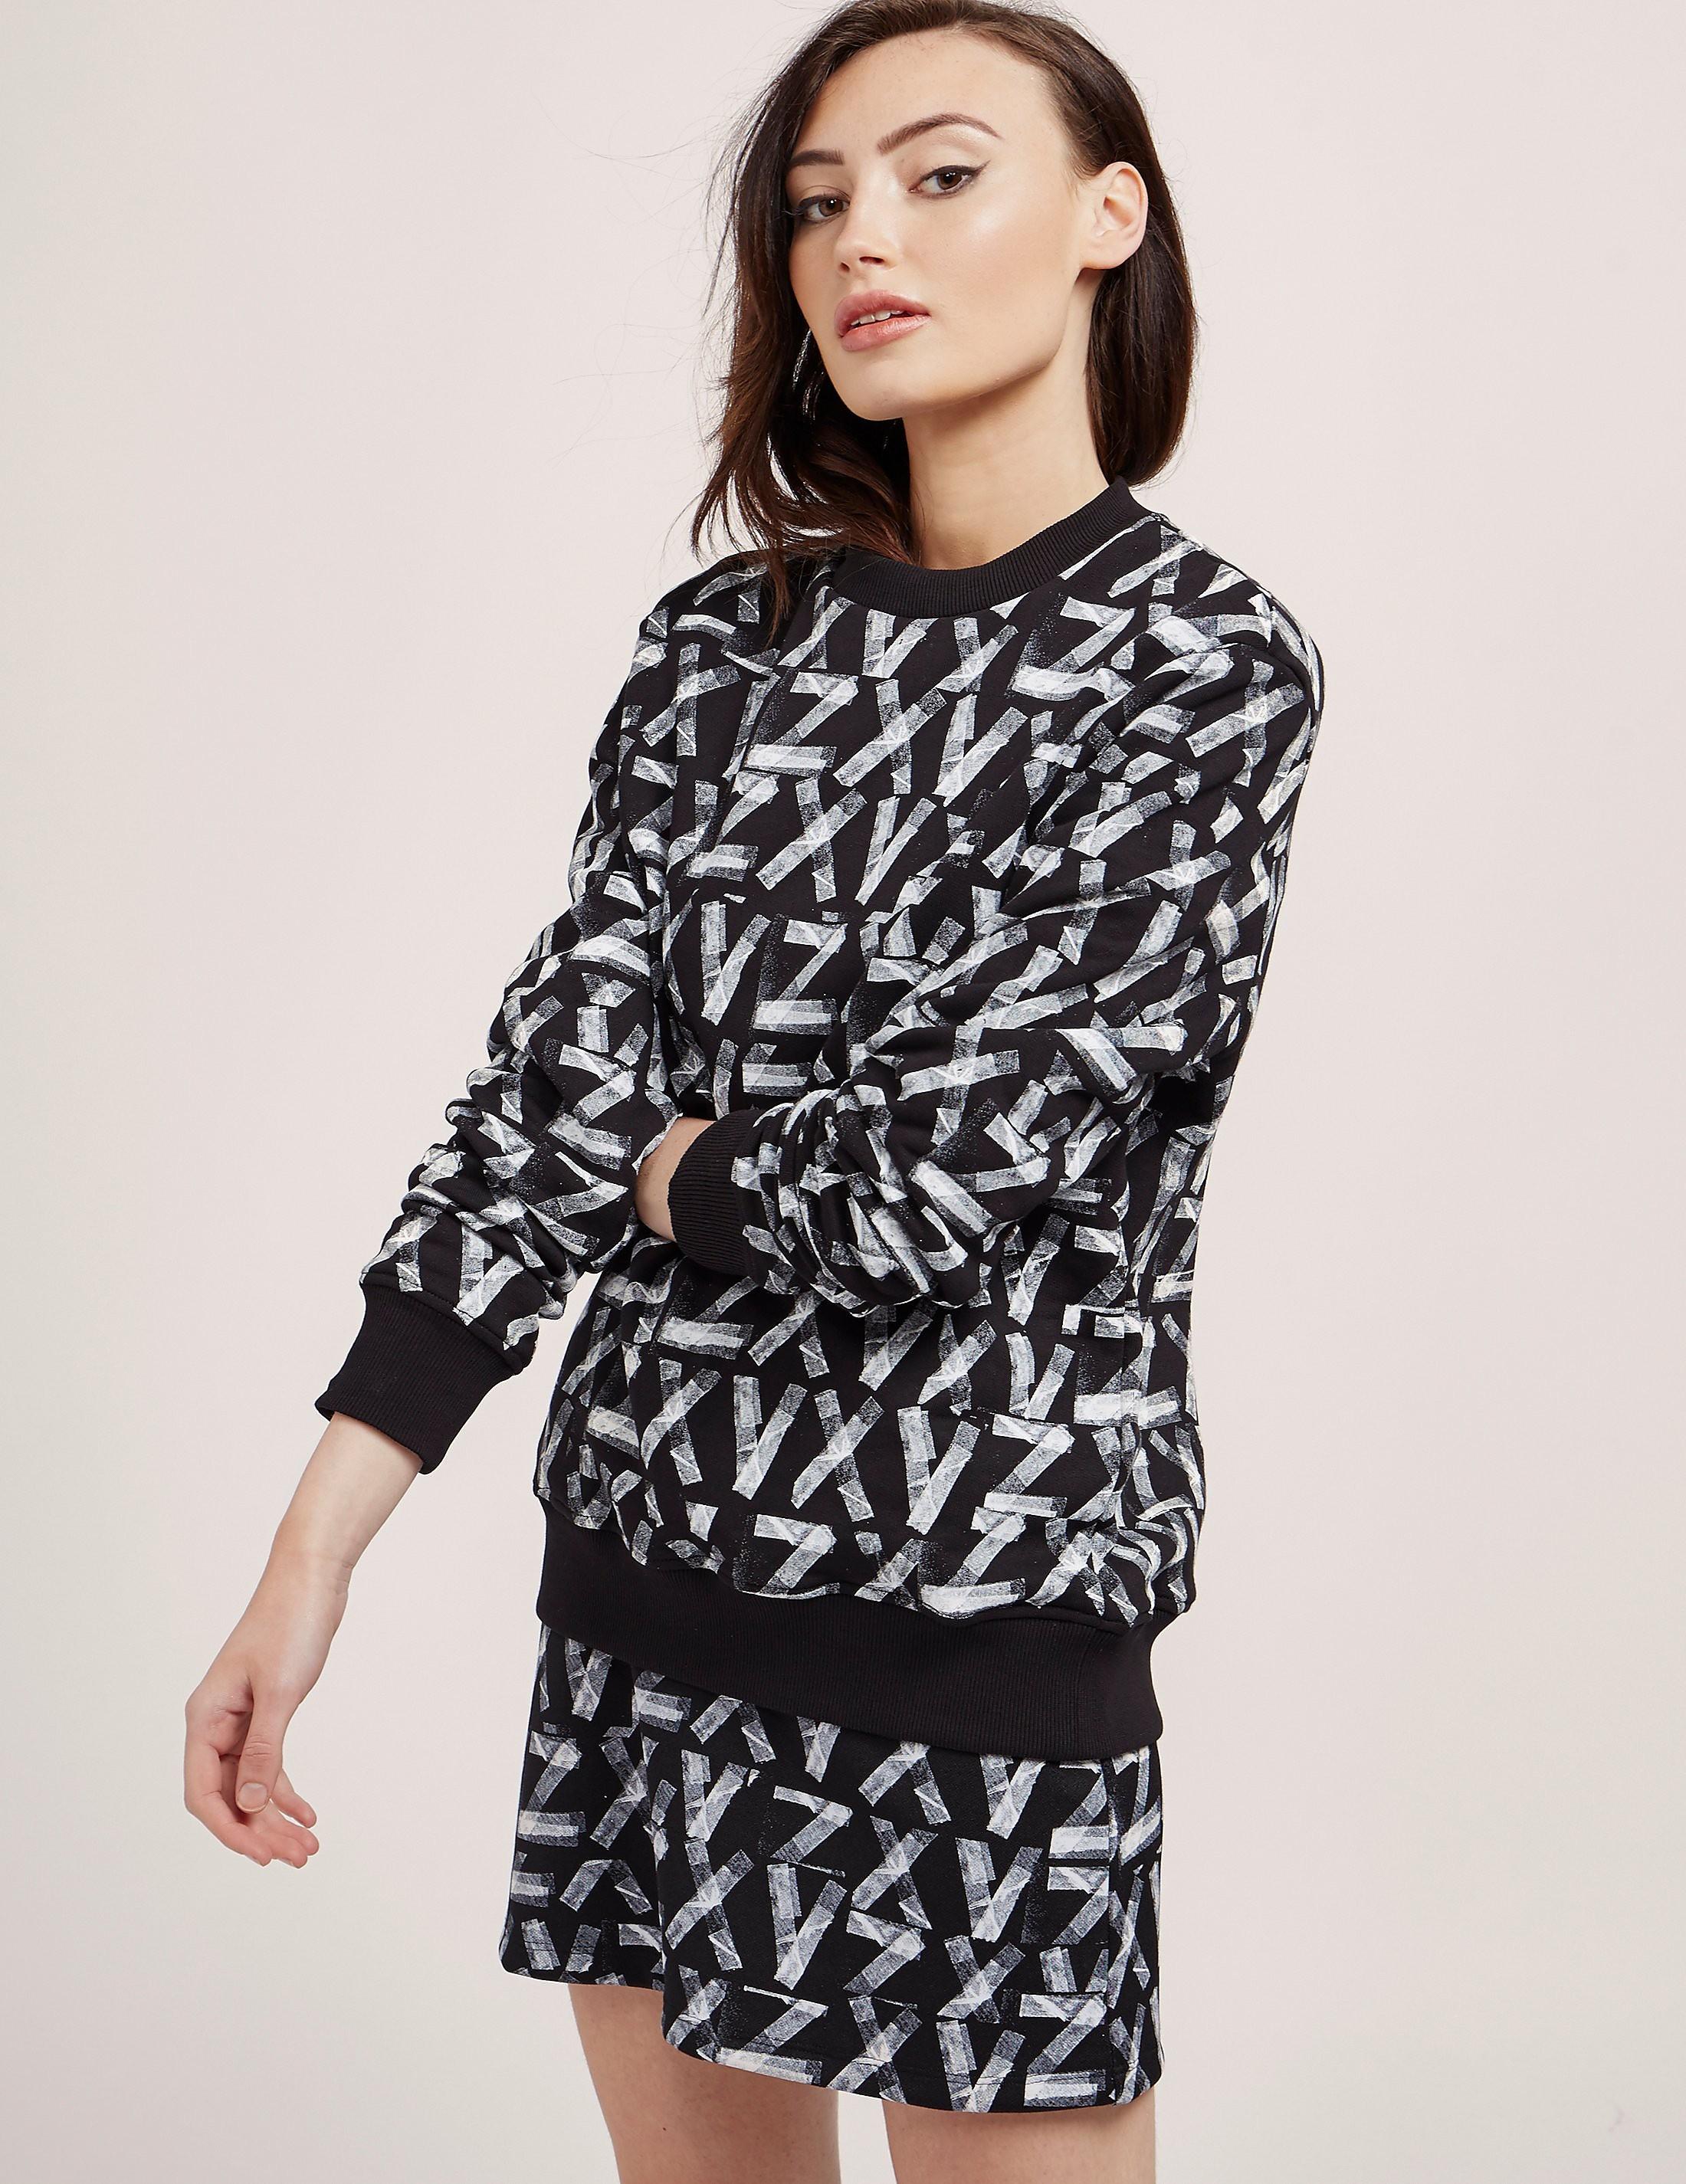 Versus Versace X Zayn Printed Sweatshirt